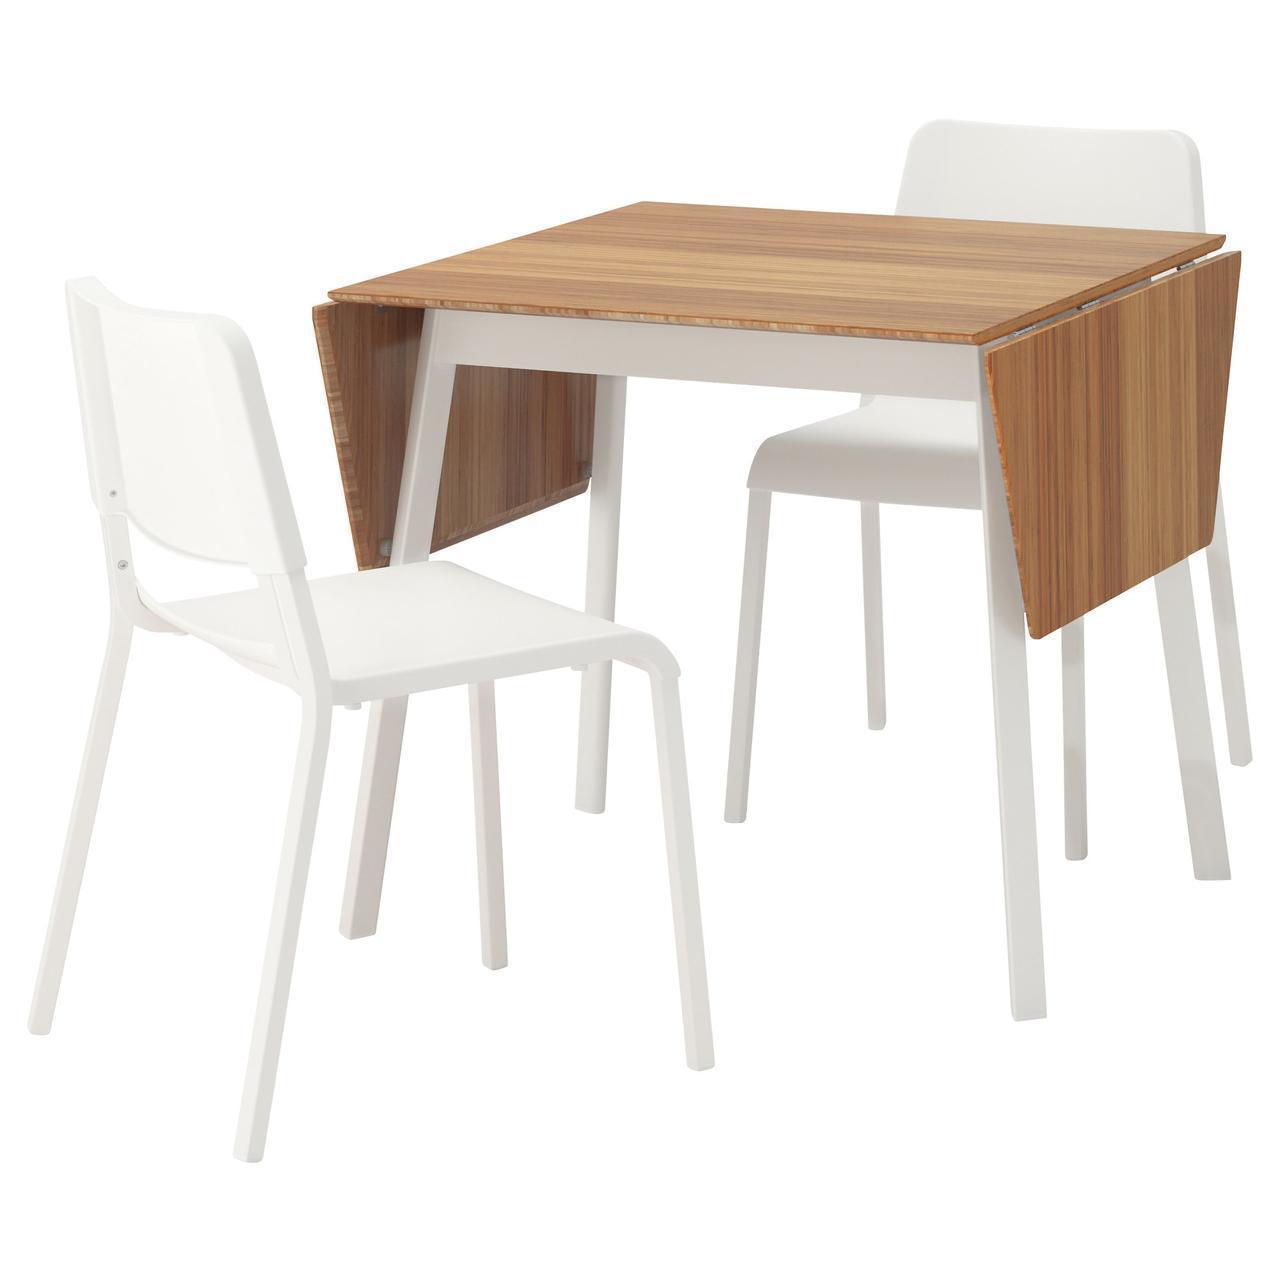 Комплект для кухни (стол и 2 стула) IKEA IKEA PS 2012 / TEODORES белый коричневый 892.214.75